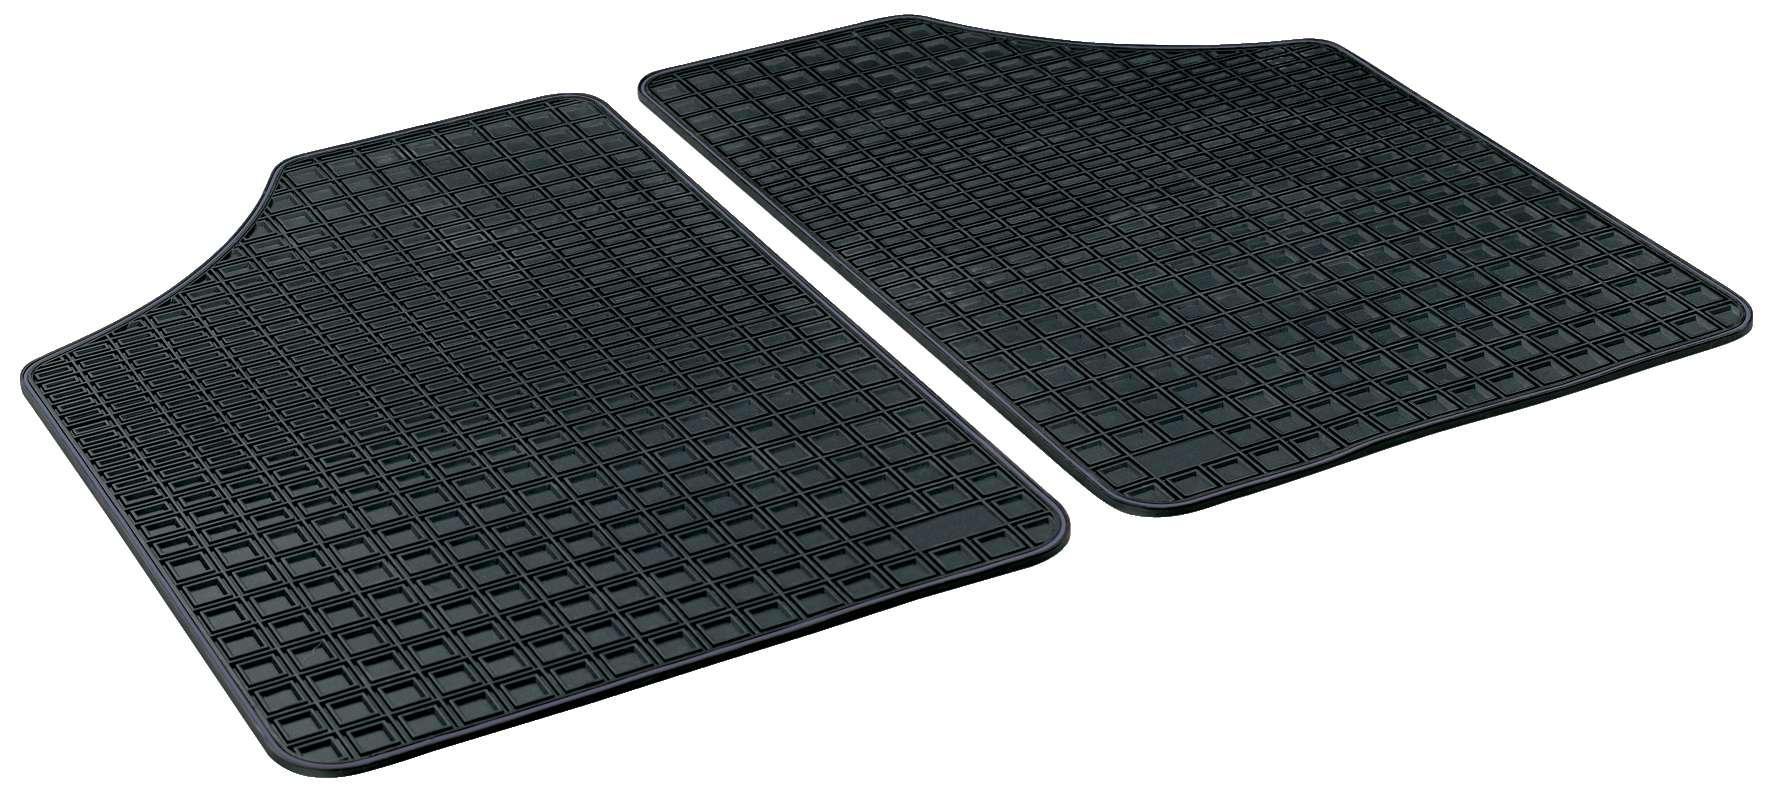 14901 WALSER Maßgefertigt, Blueline Premium Gummi, hinten, Menge: 2, schwarz Fußmattensatz 14901 kaufen